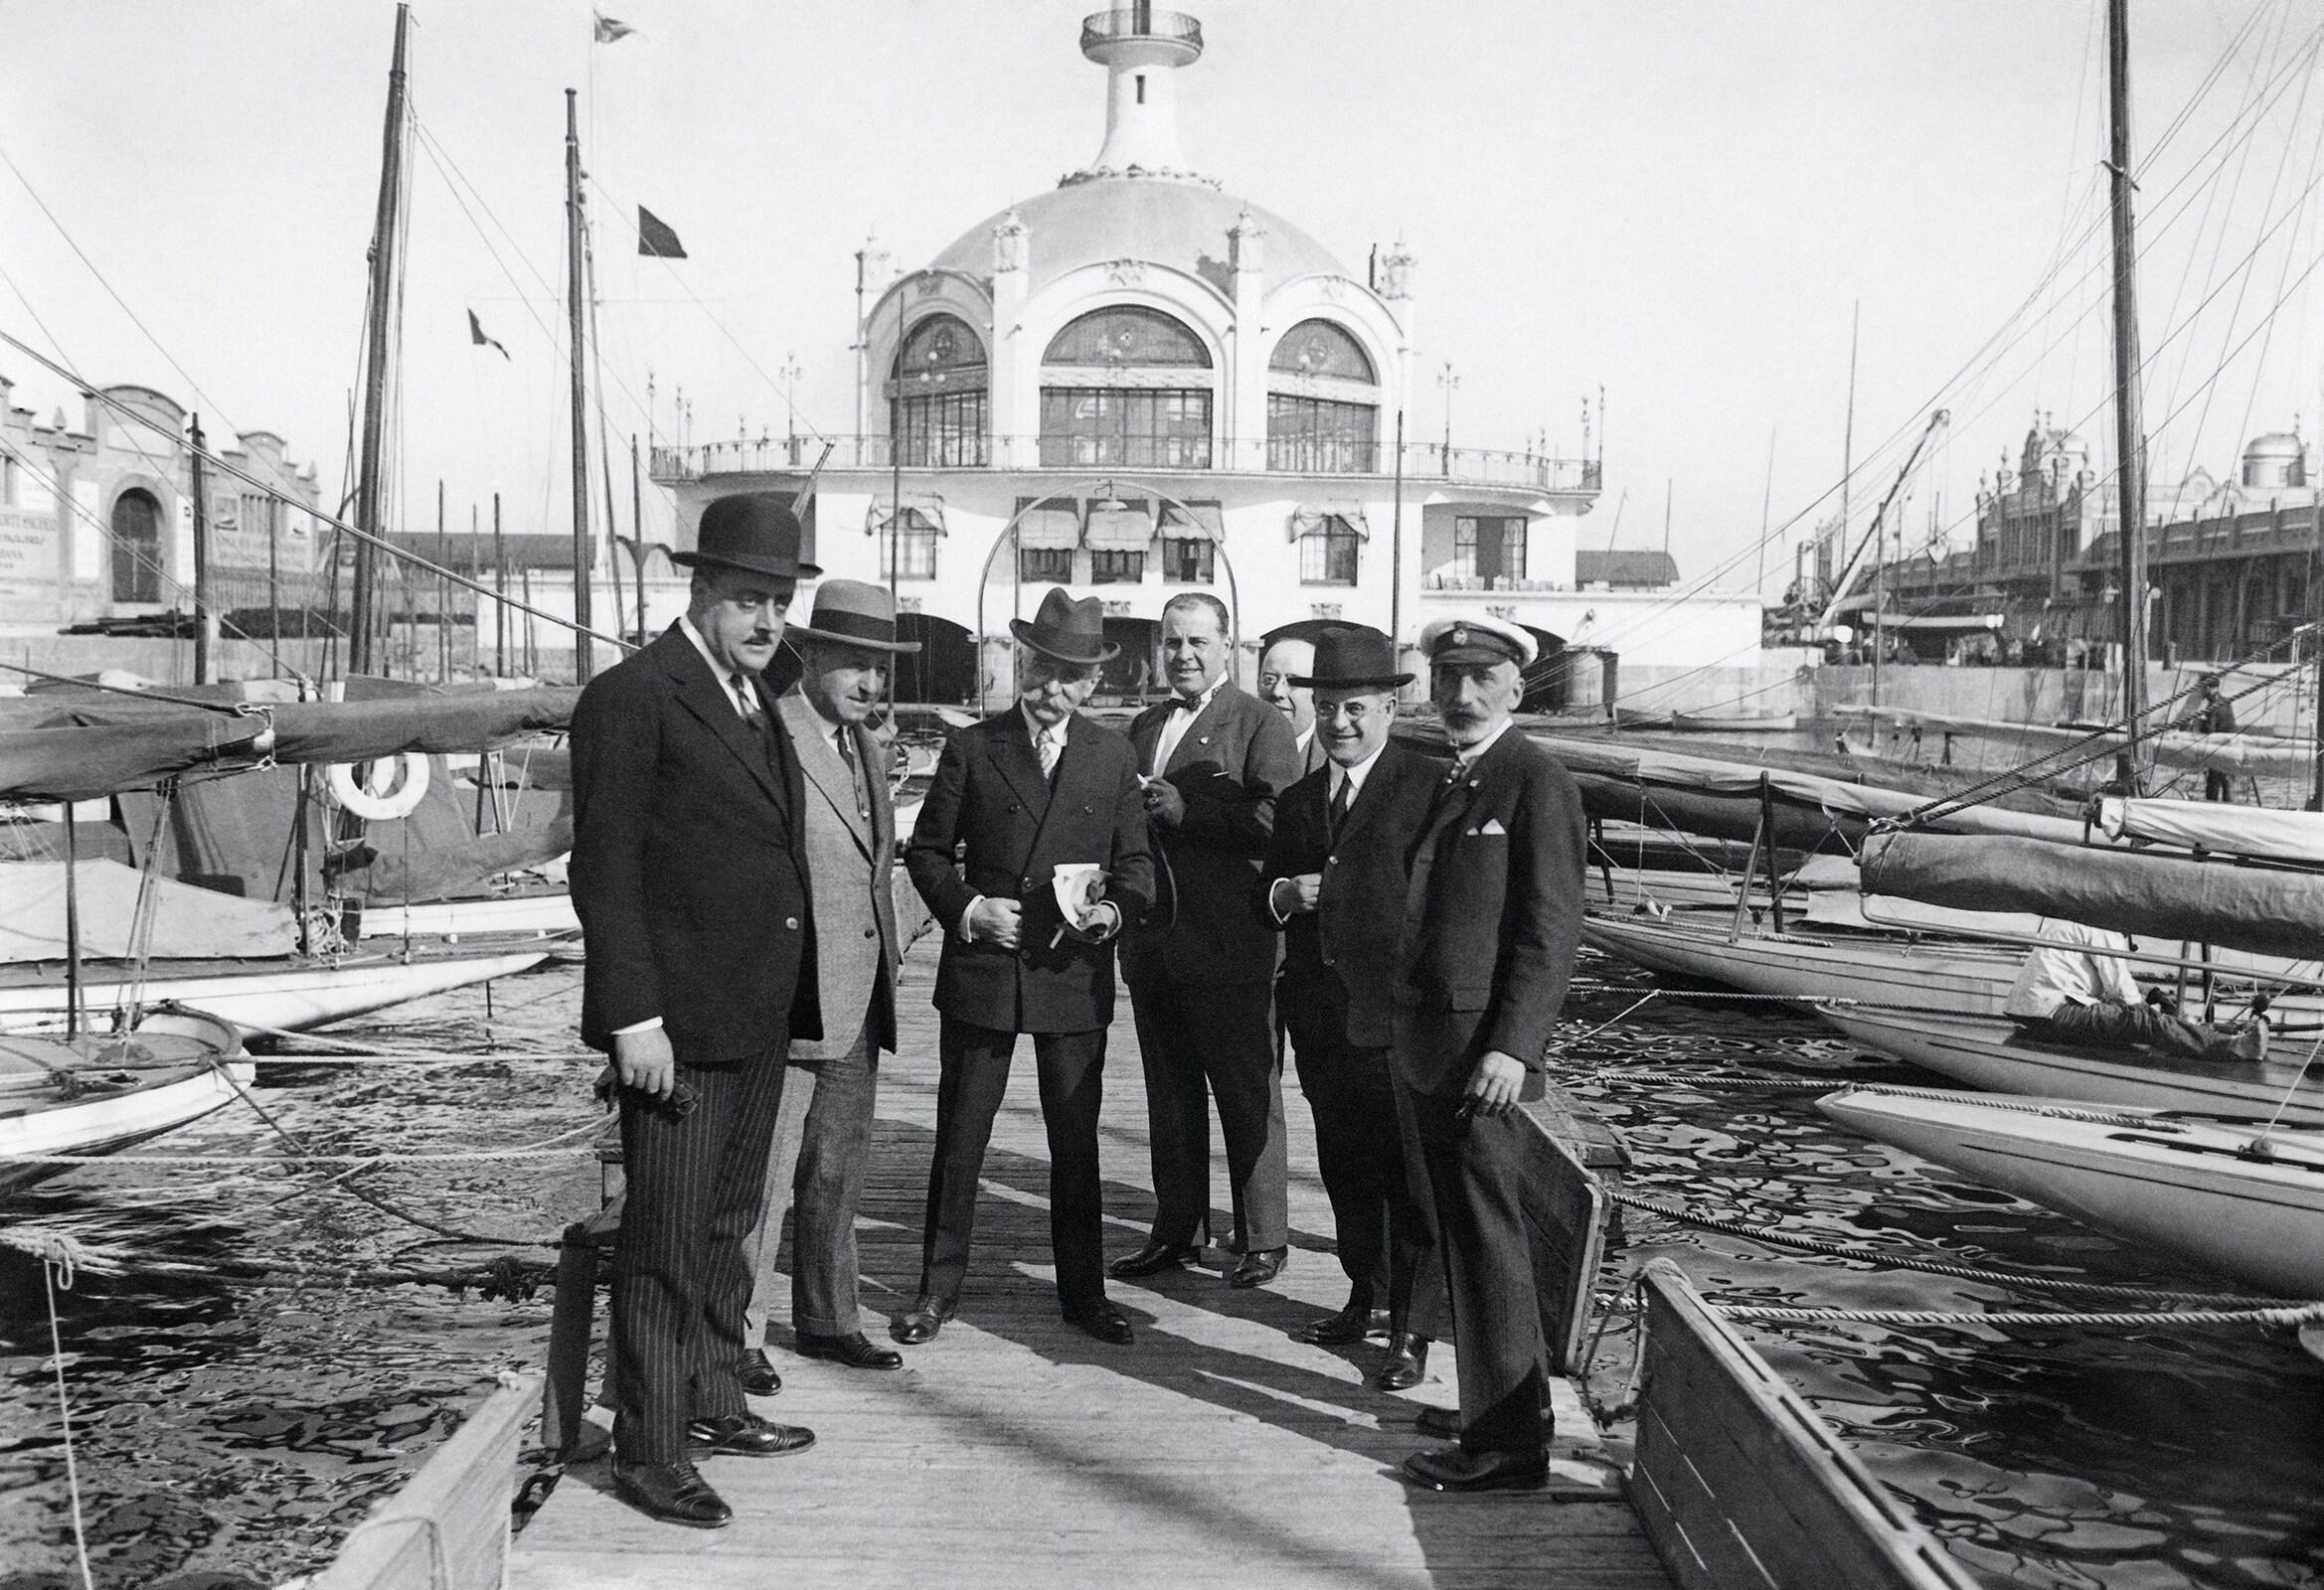 Journey in Spain of baron Pierre de Coubertin, IOC President, 1925 - Pierre de Coubertin with IOC members in Barcelona harbour.